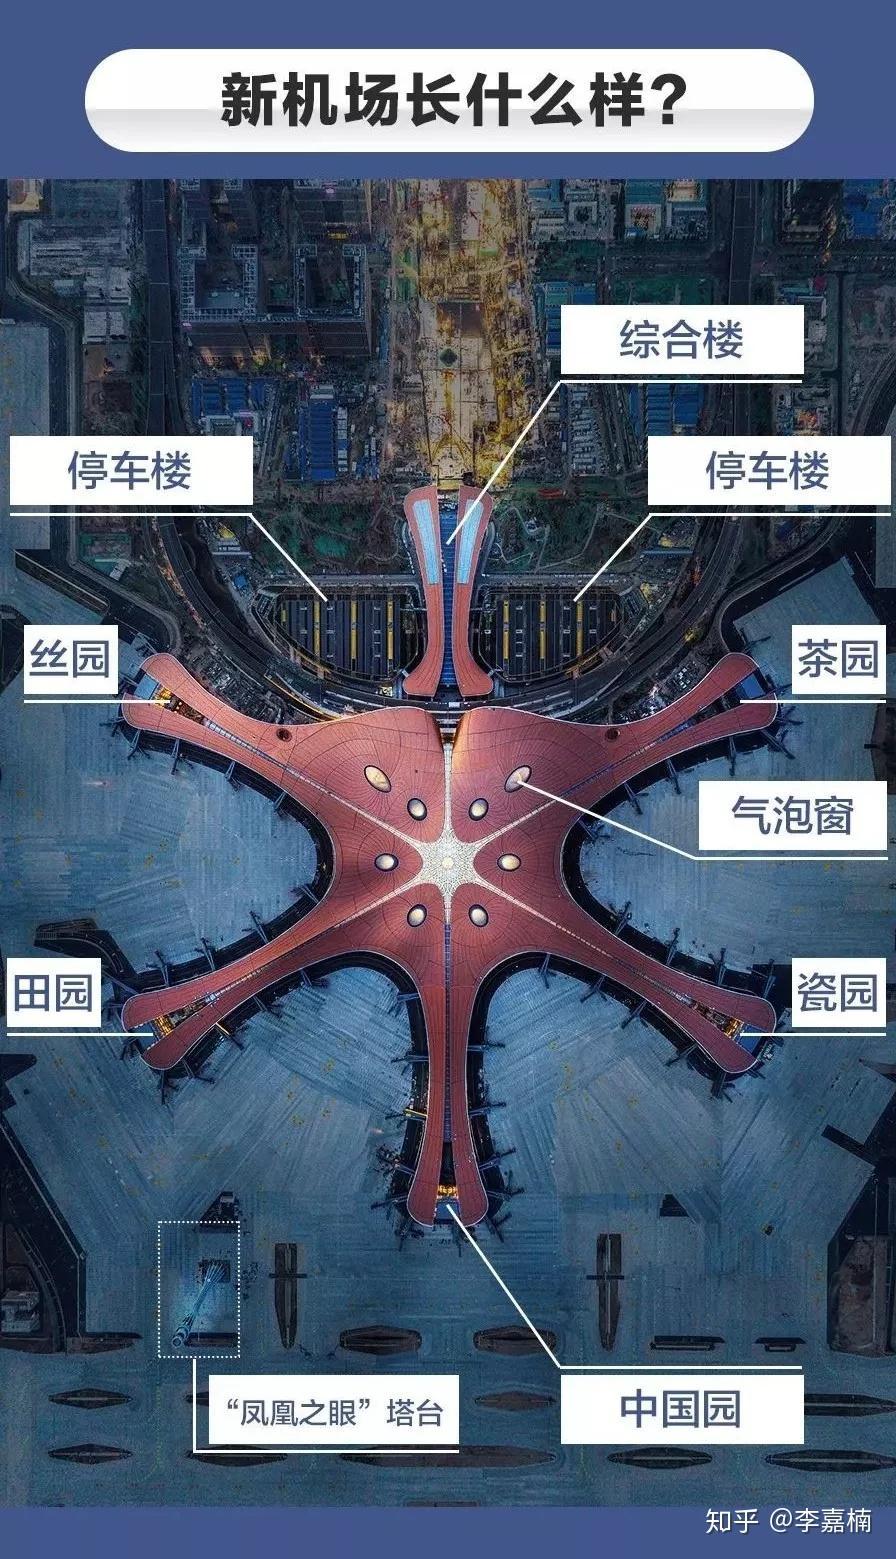 规划功能结构图_北京大兴机场最新全貌+平面设计图 - 知乎